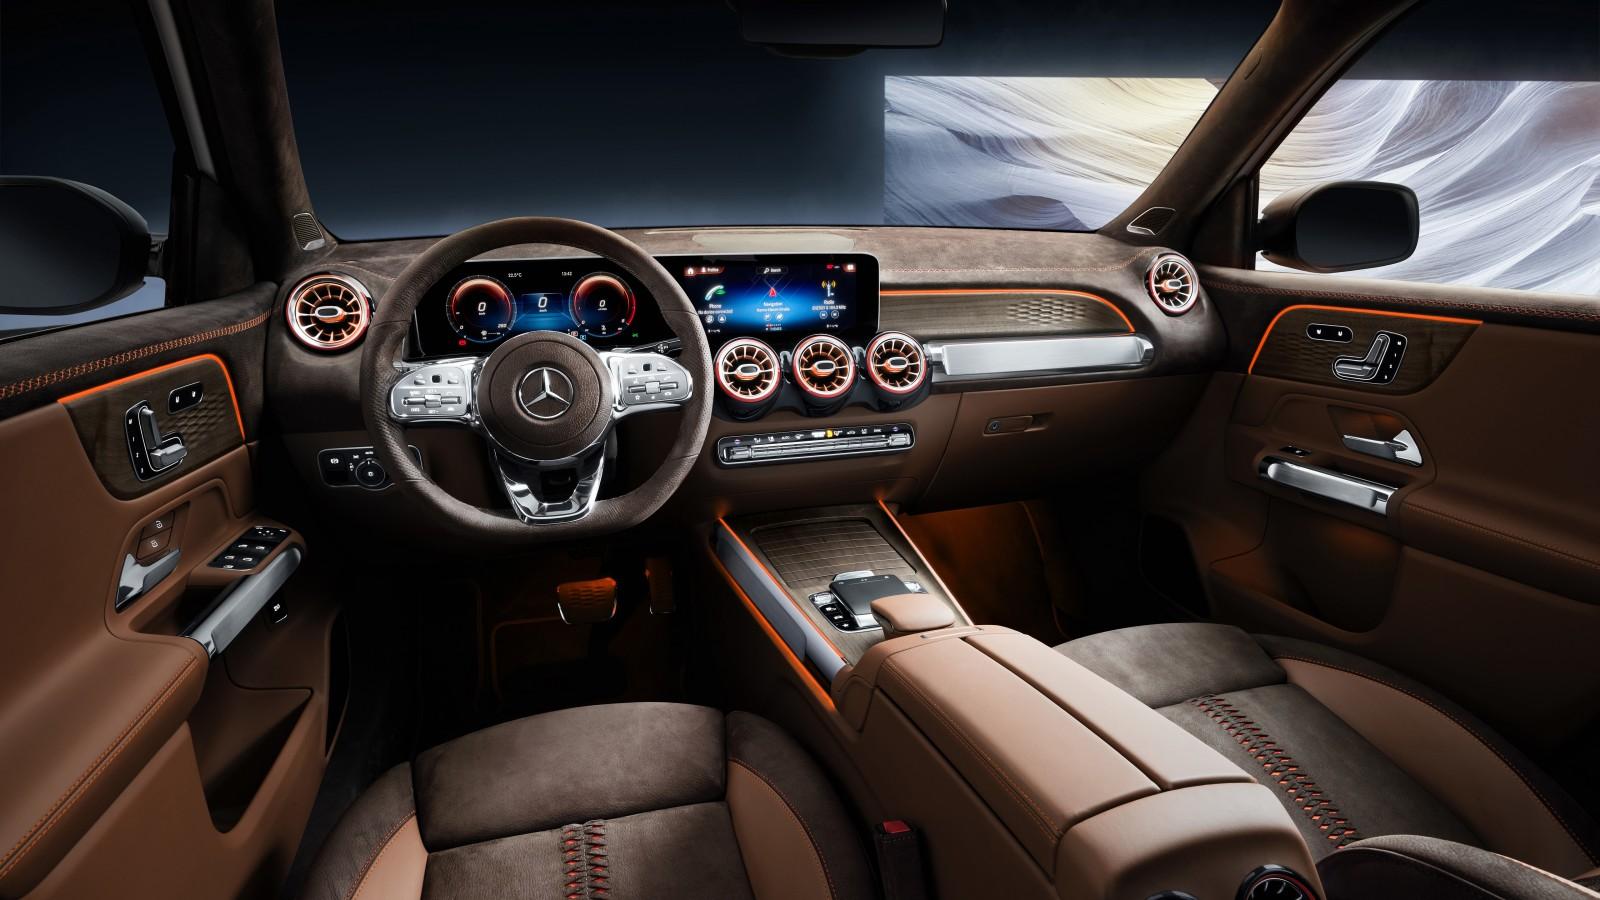 Mercedes-Benz Concept GLB 2019 5K Interior Wallpaper